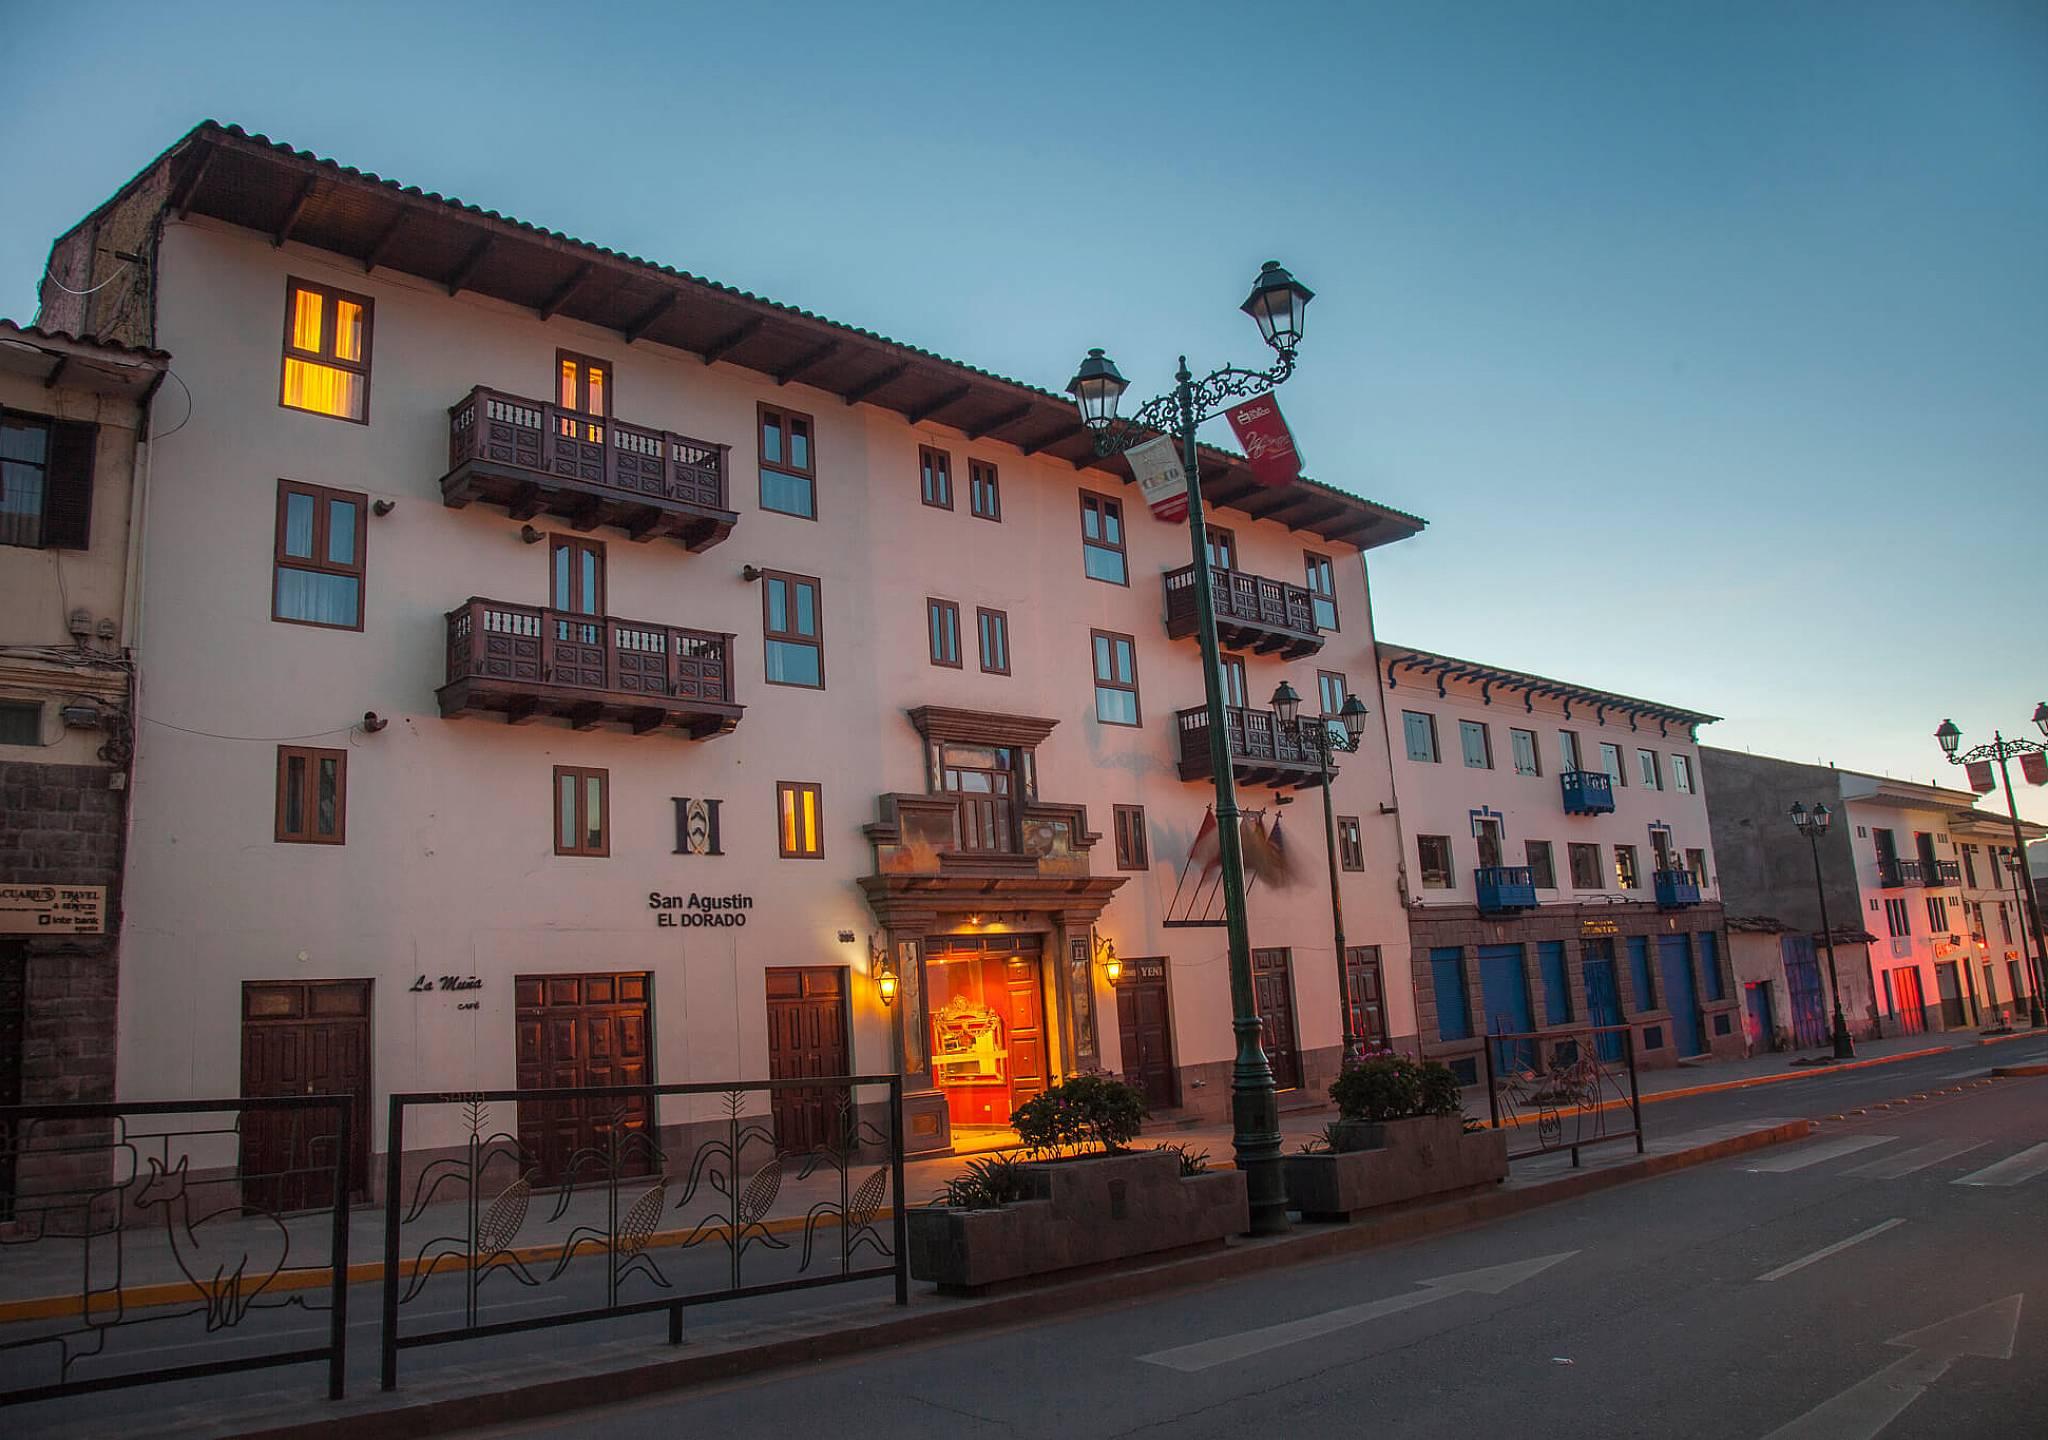 Hotel San Agustin El Dorado Cusco Peru